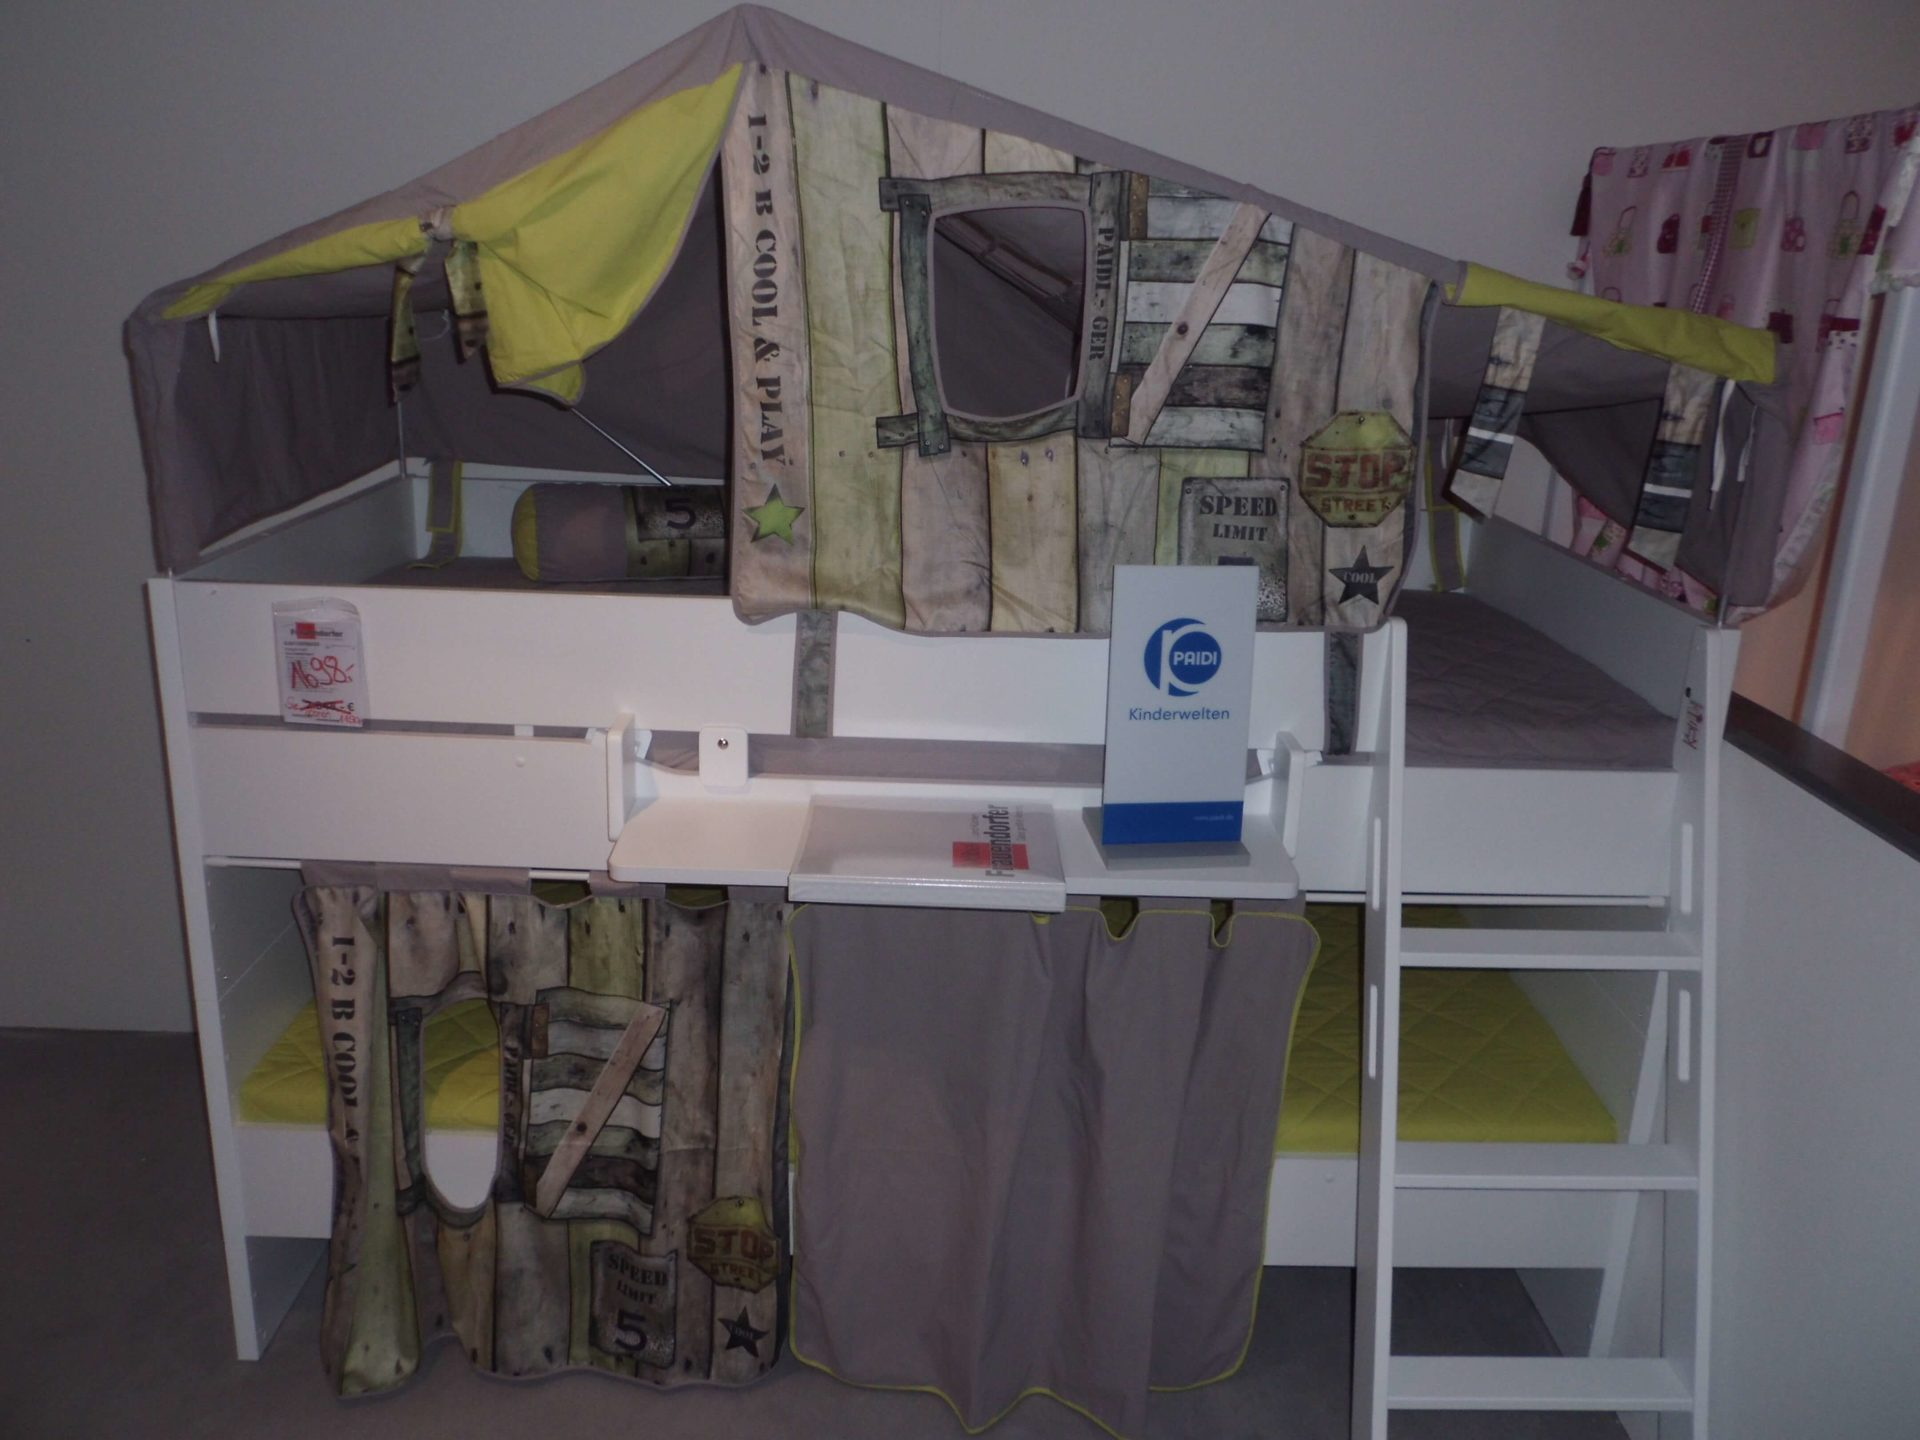 Paidi Etagenbett Vorhang : Möbel frauendorfer amberg etagenbett guntersblum